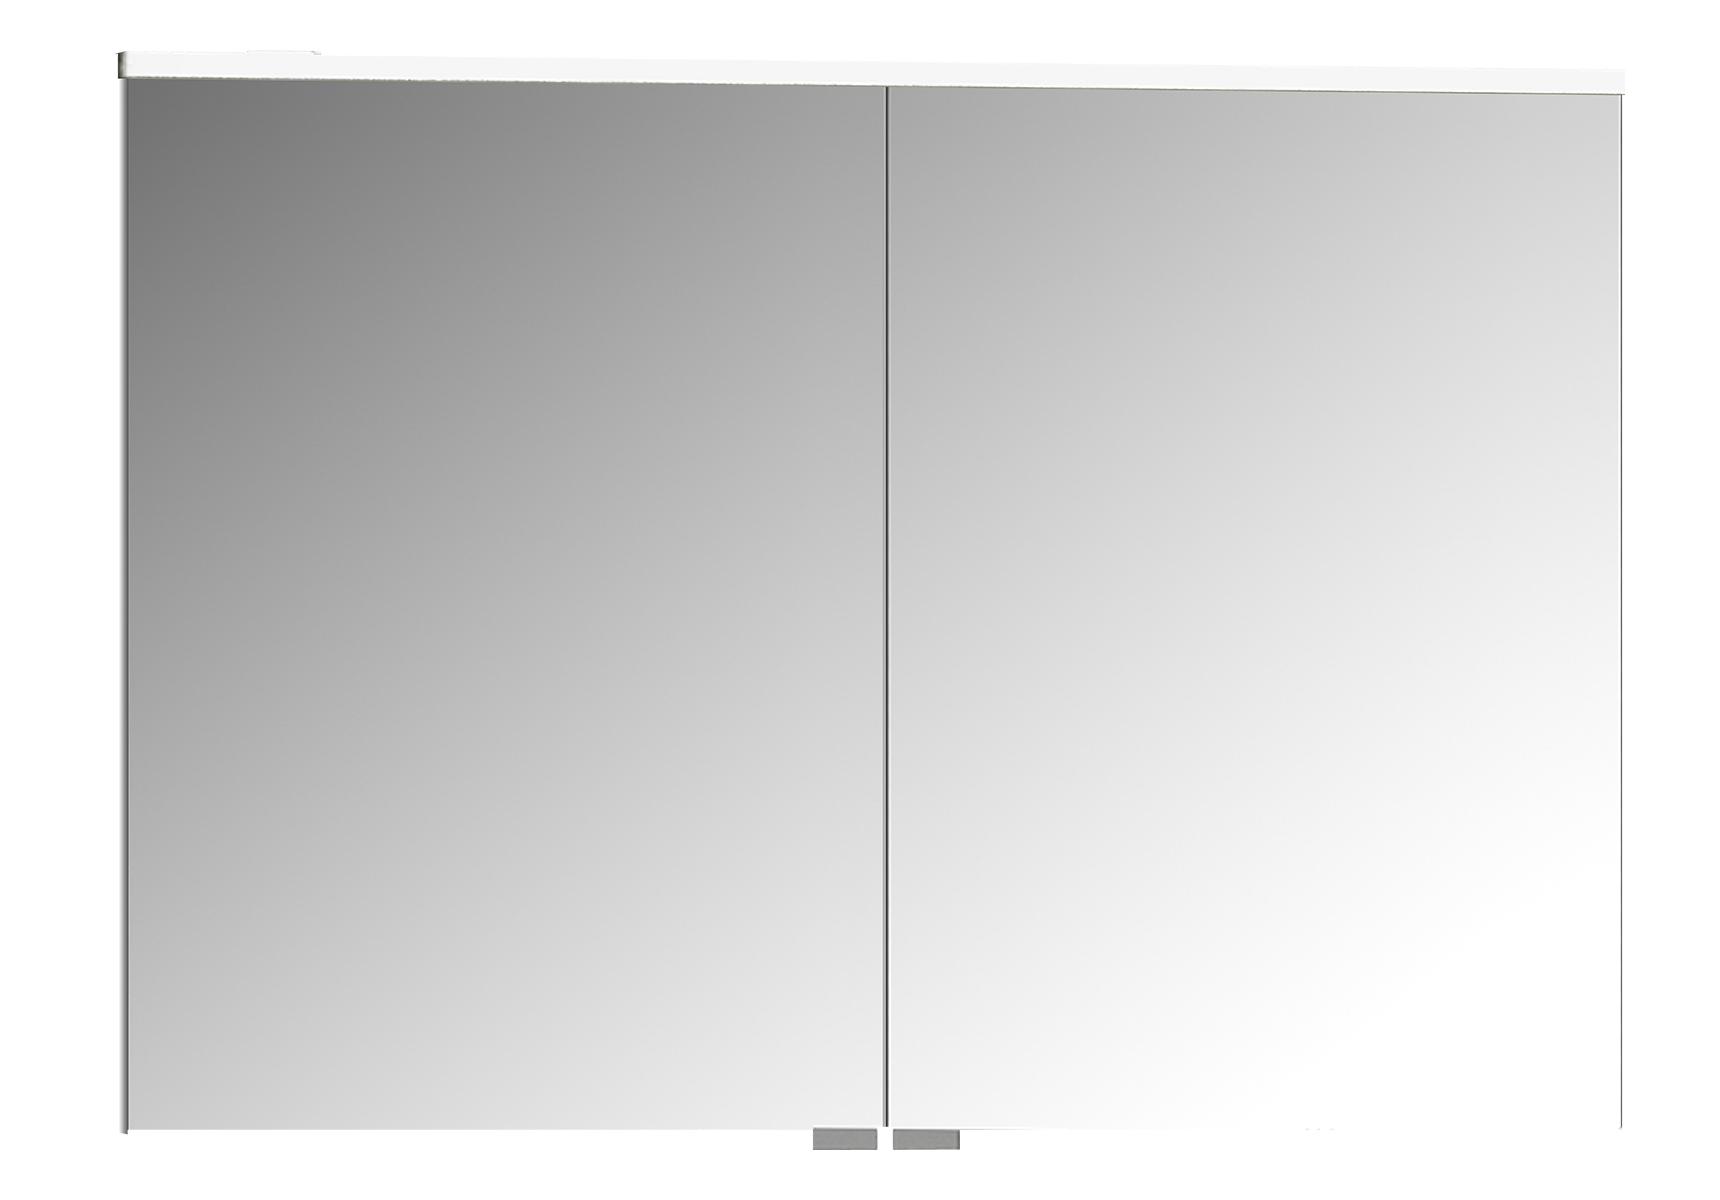 Sento Premium LED-Spiegelschrank, 100 cm, Weiß Matt